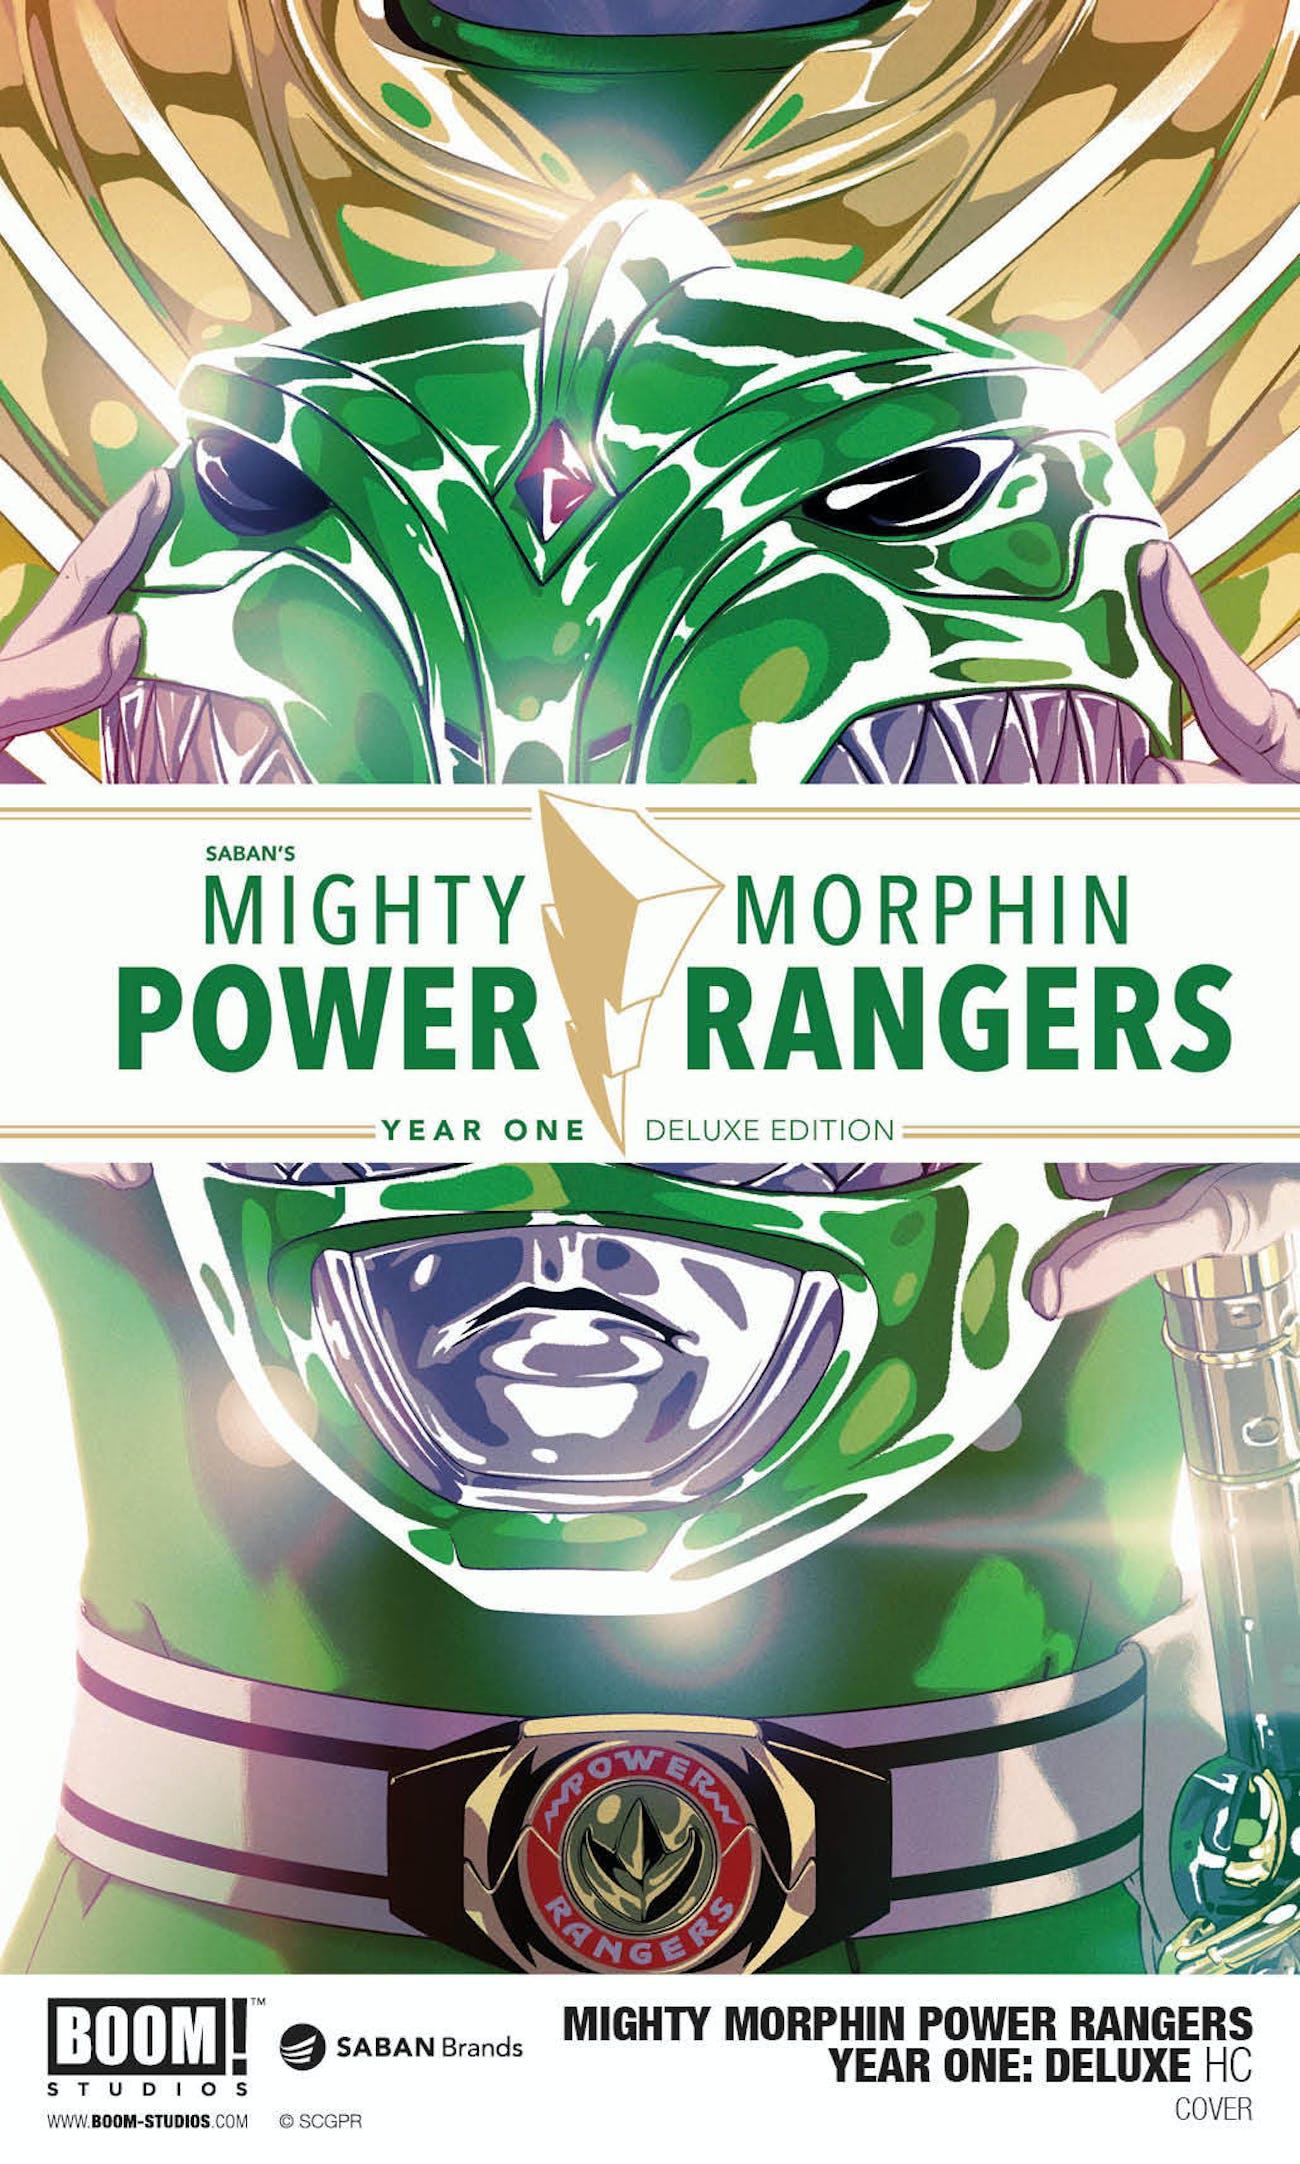 Power Rangers Deluxe BOOM